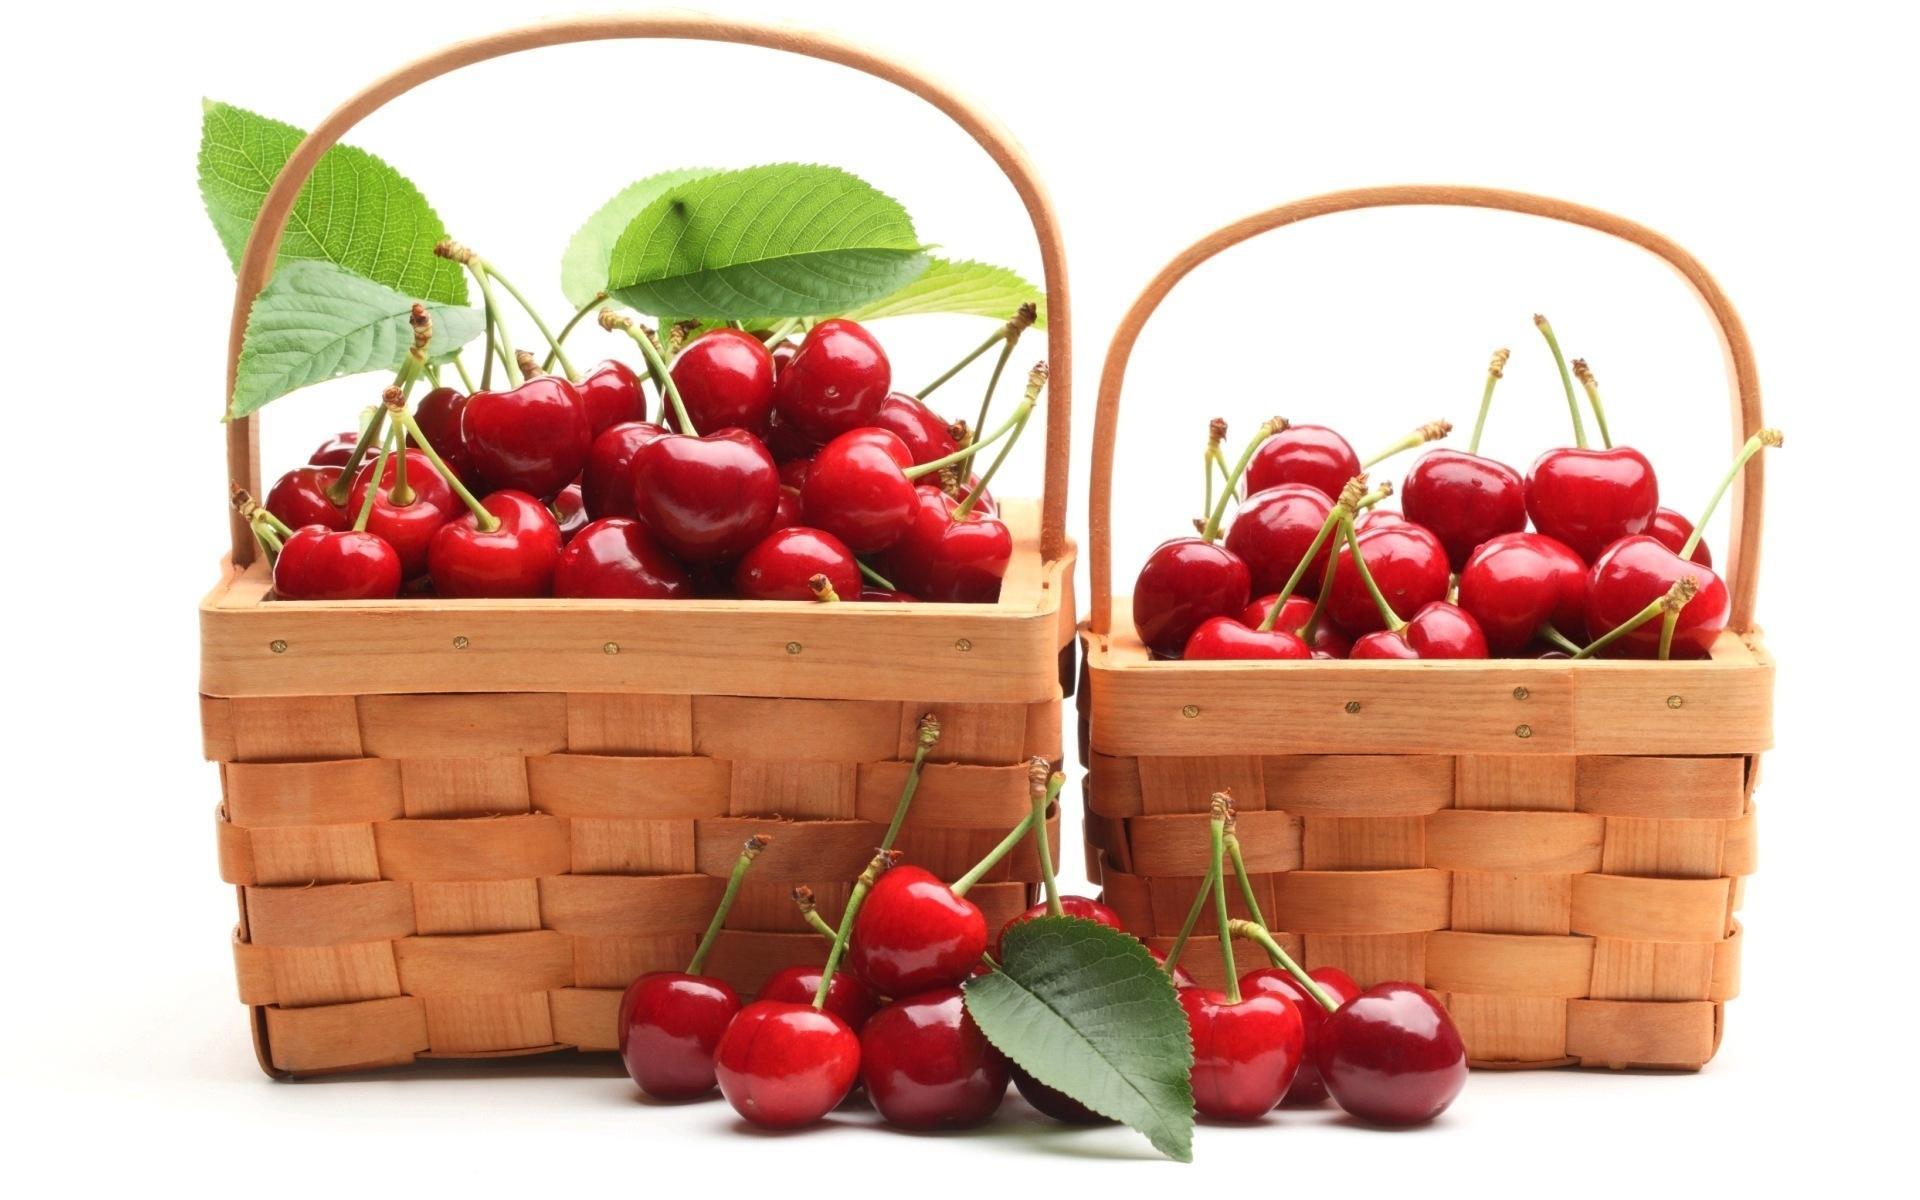 Десертная вишня Морозовой опылители описание сорта недостатки